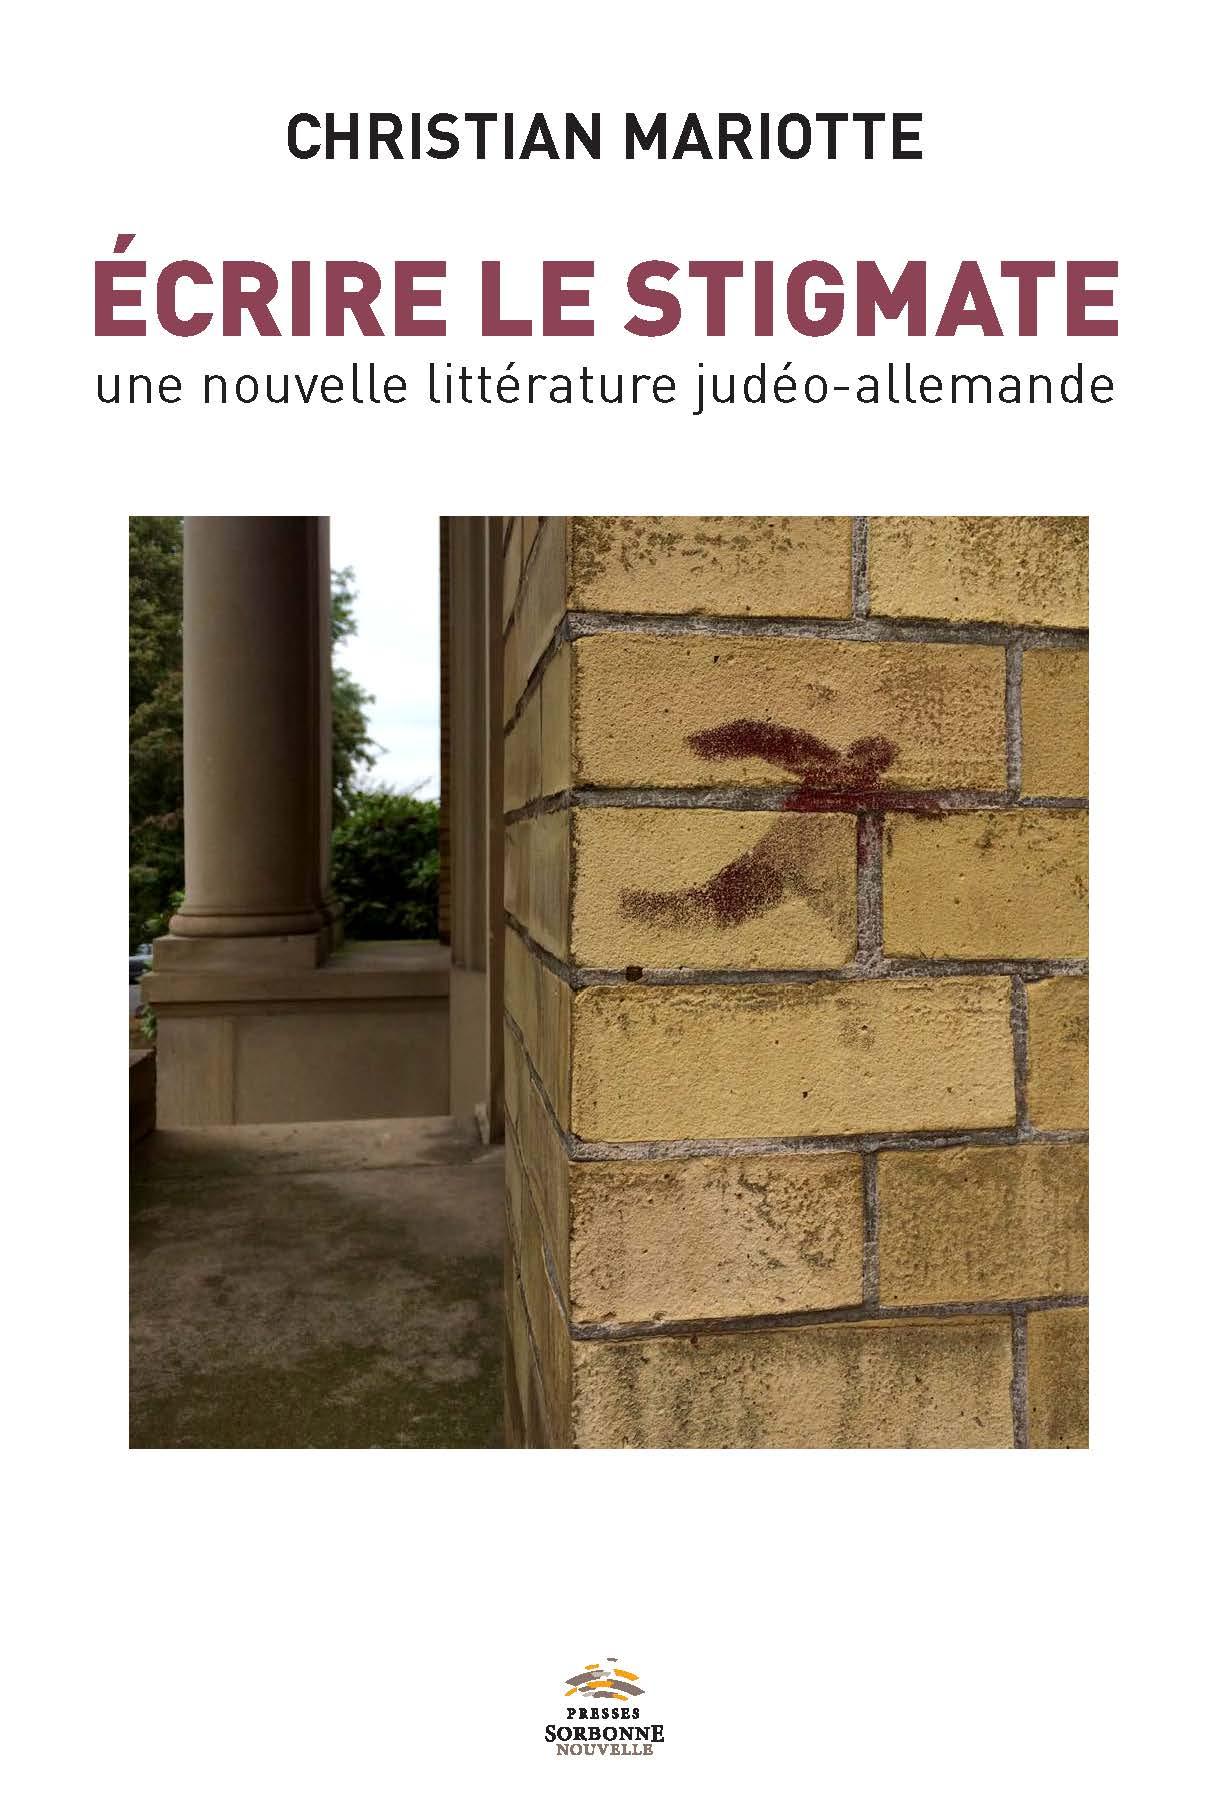 Ch. Mariotte, Écrire le stigmate. Une nouvelle littérature judéo-allemande